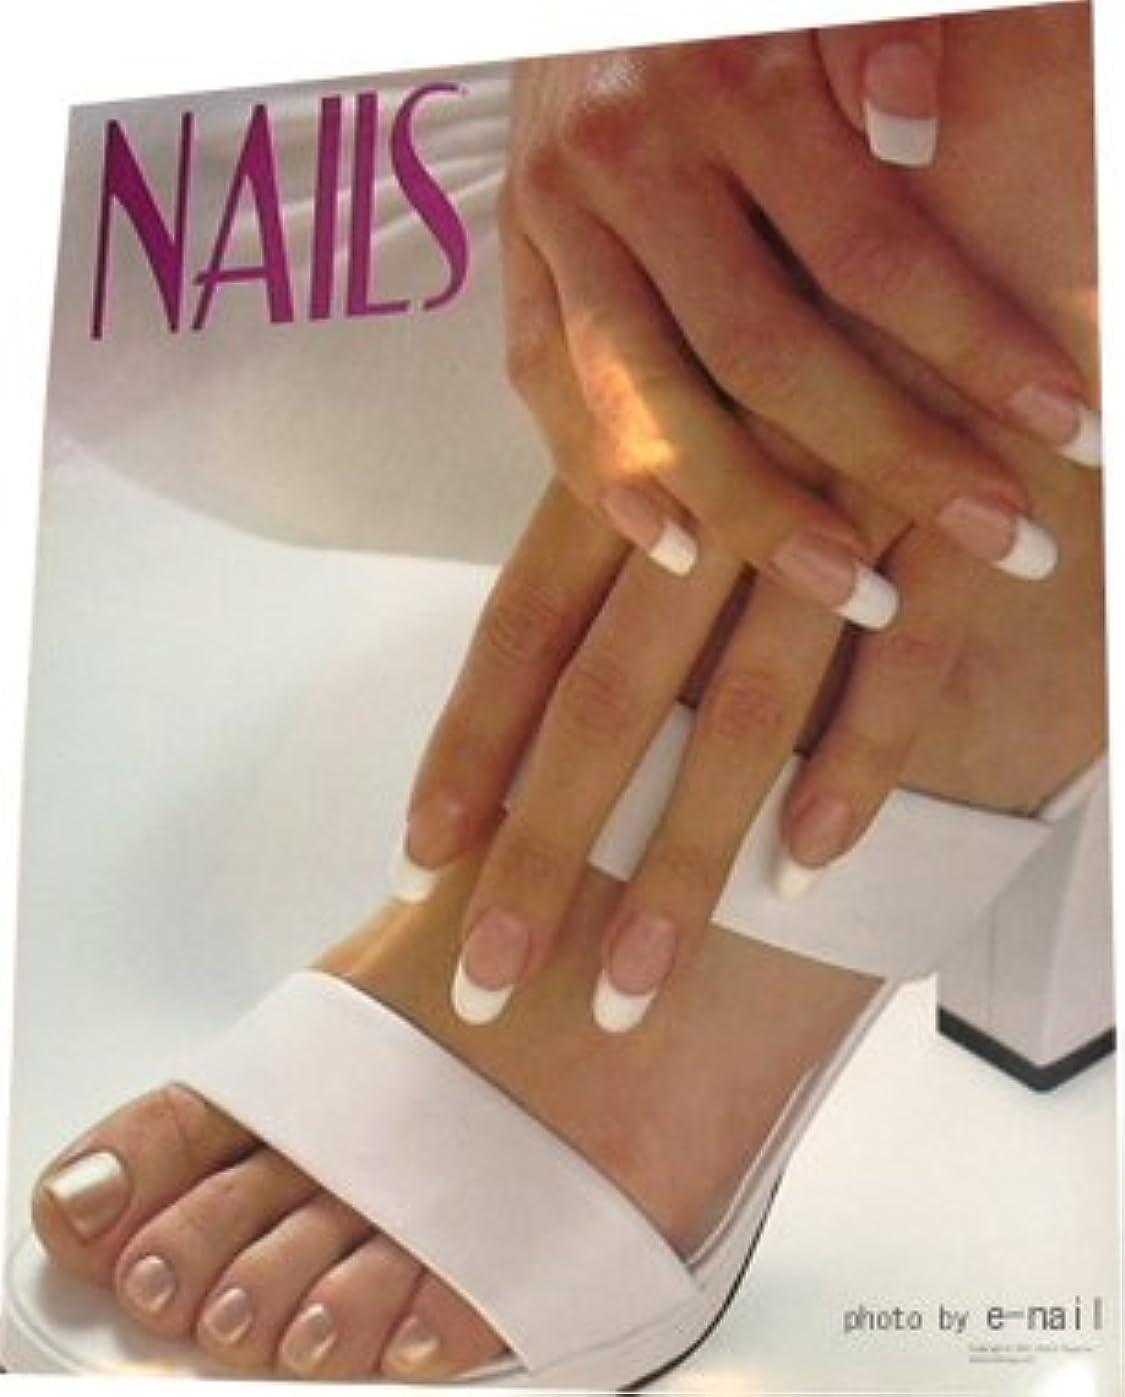 ヘルメットウェイドアサートNAILS ポスター 【French Manicure and Pedicure in Heels】